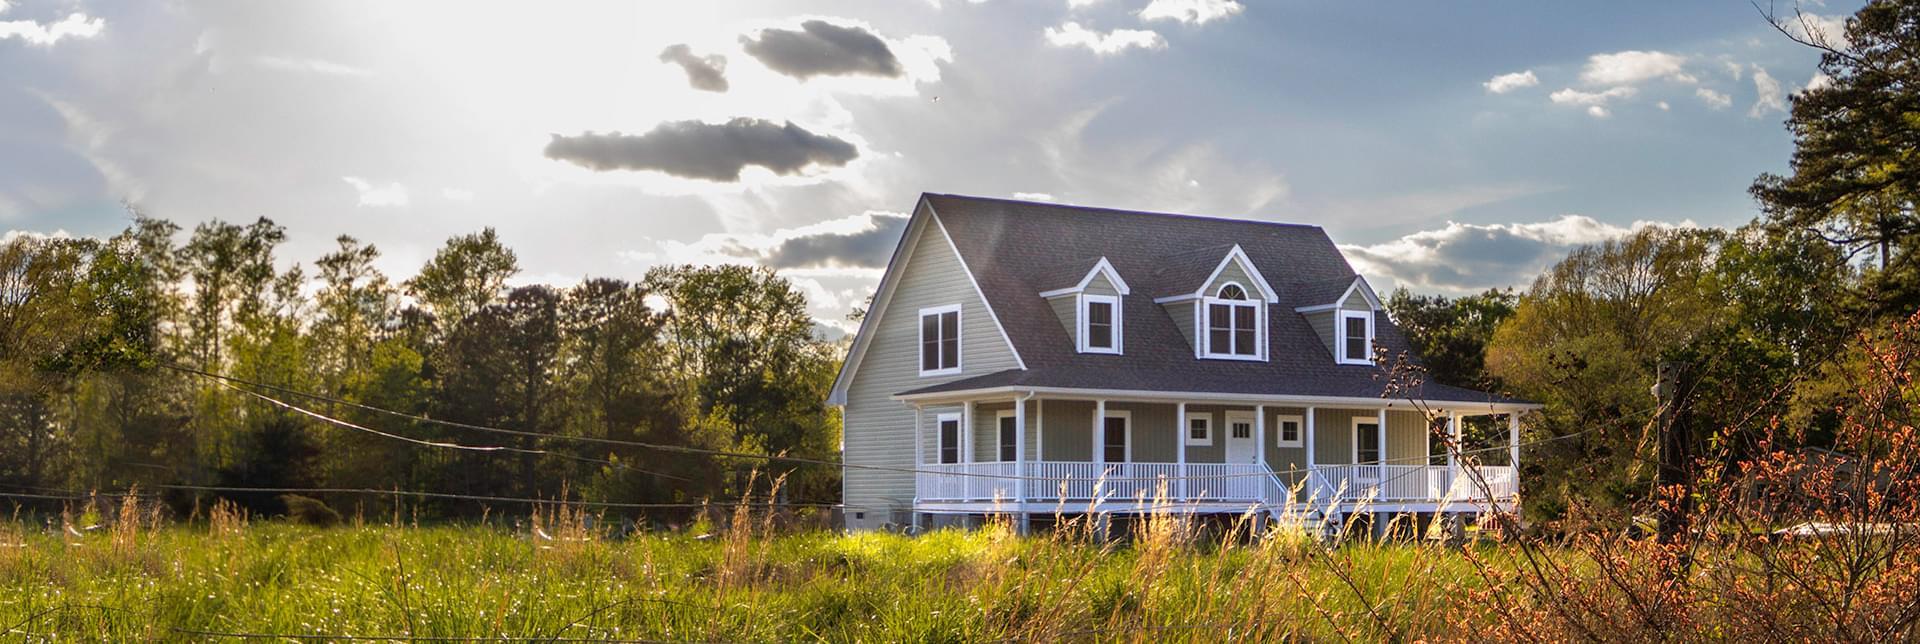 New Homes in Appomattox County VA